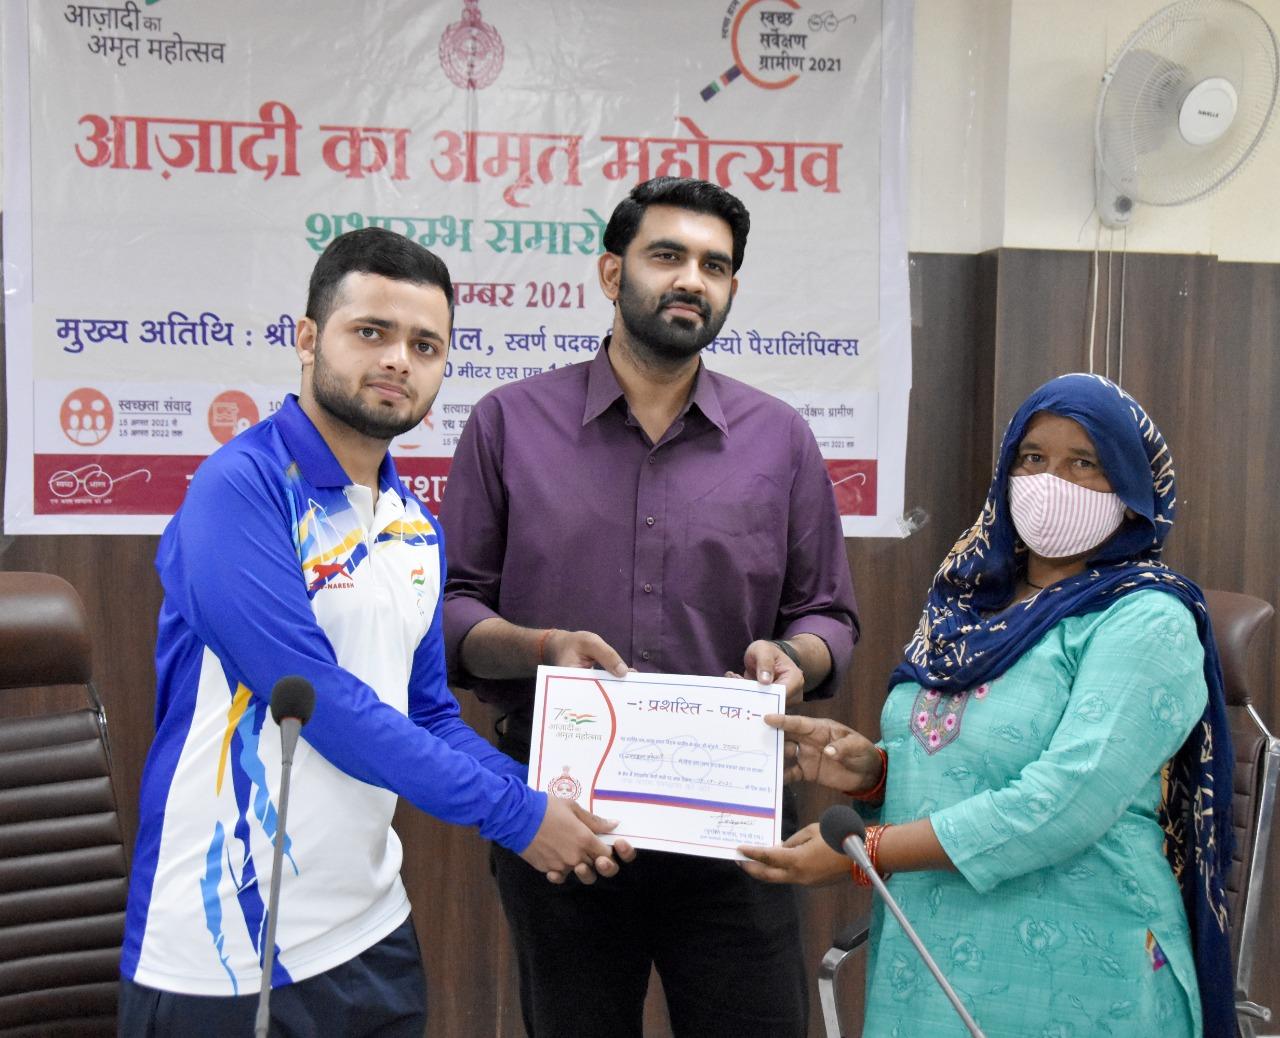 स्वच्छता के क्षेत्र में बेहतर कार्य करने वालों को प्रशस्ति पत्र देकर सम्मानित किया। - Dainik Bhaskar